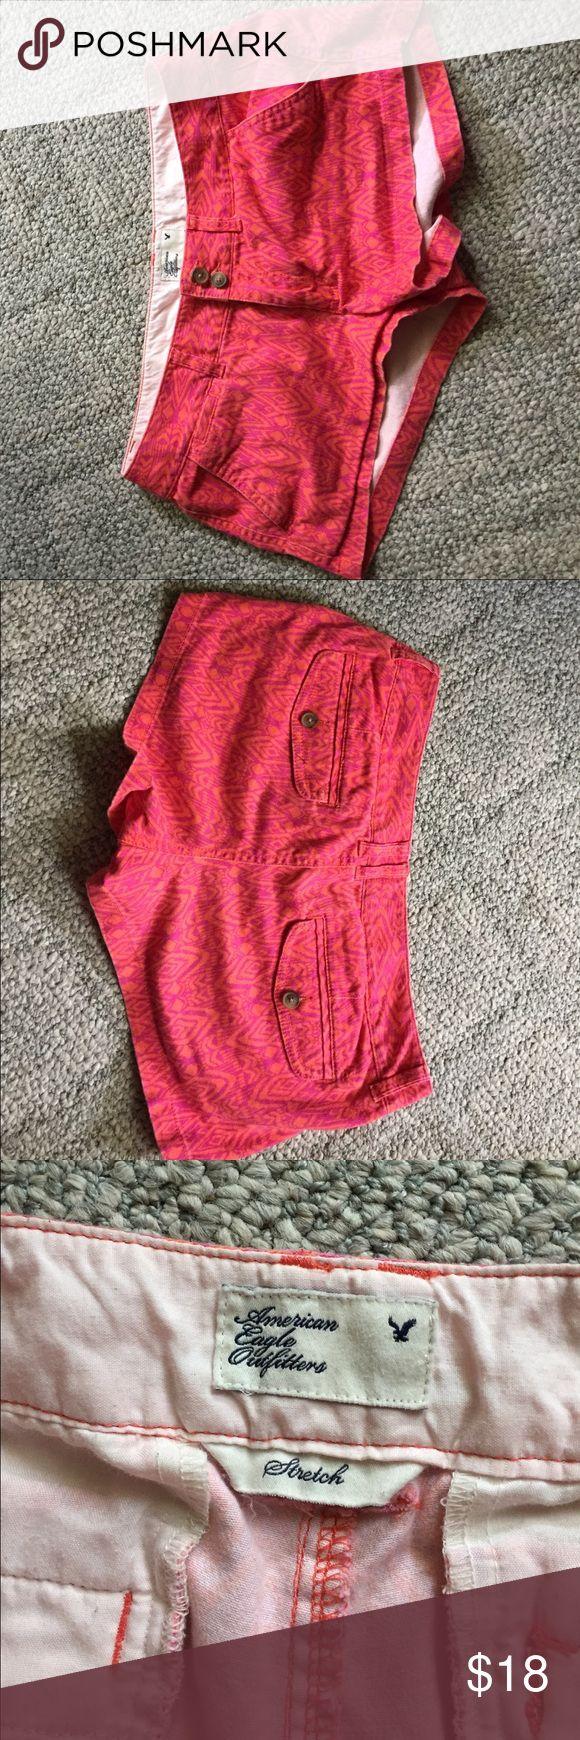 american eagle aztec print shorts pink and orange aztec print stretch shorts American Eagle Outfitters Shorts